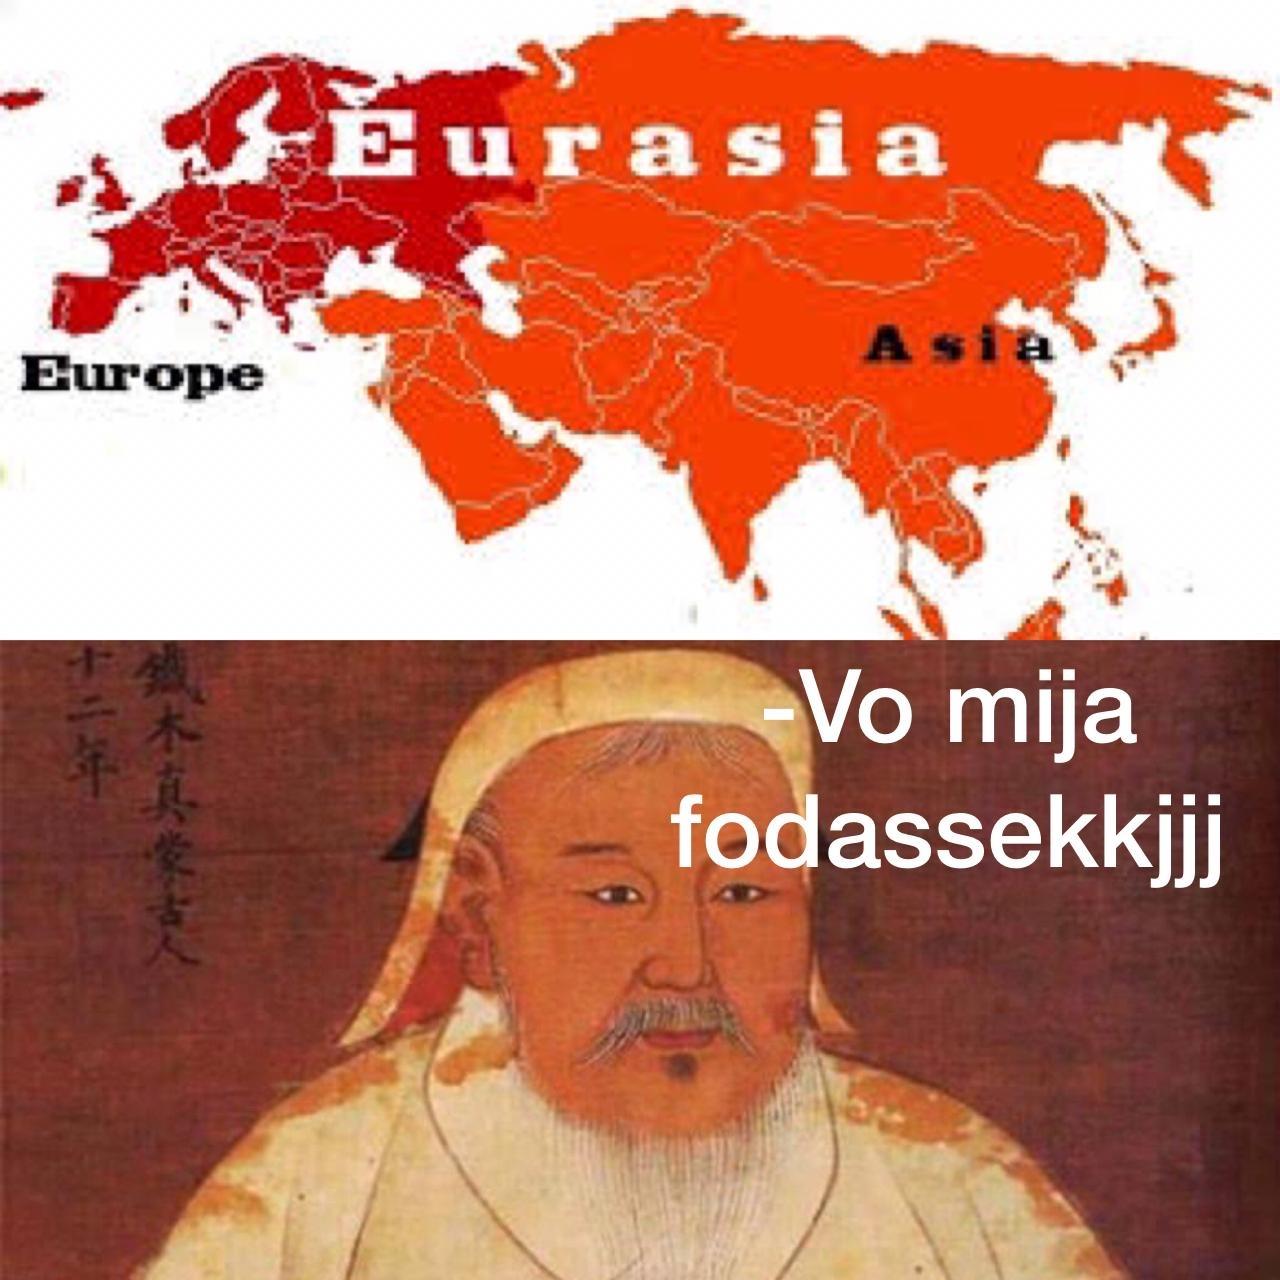 o mongol - meme